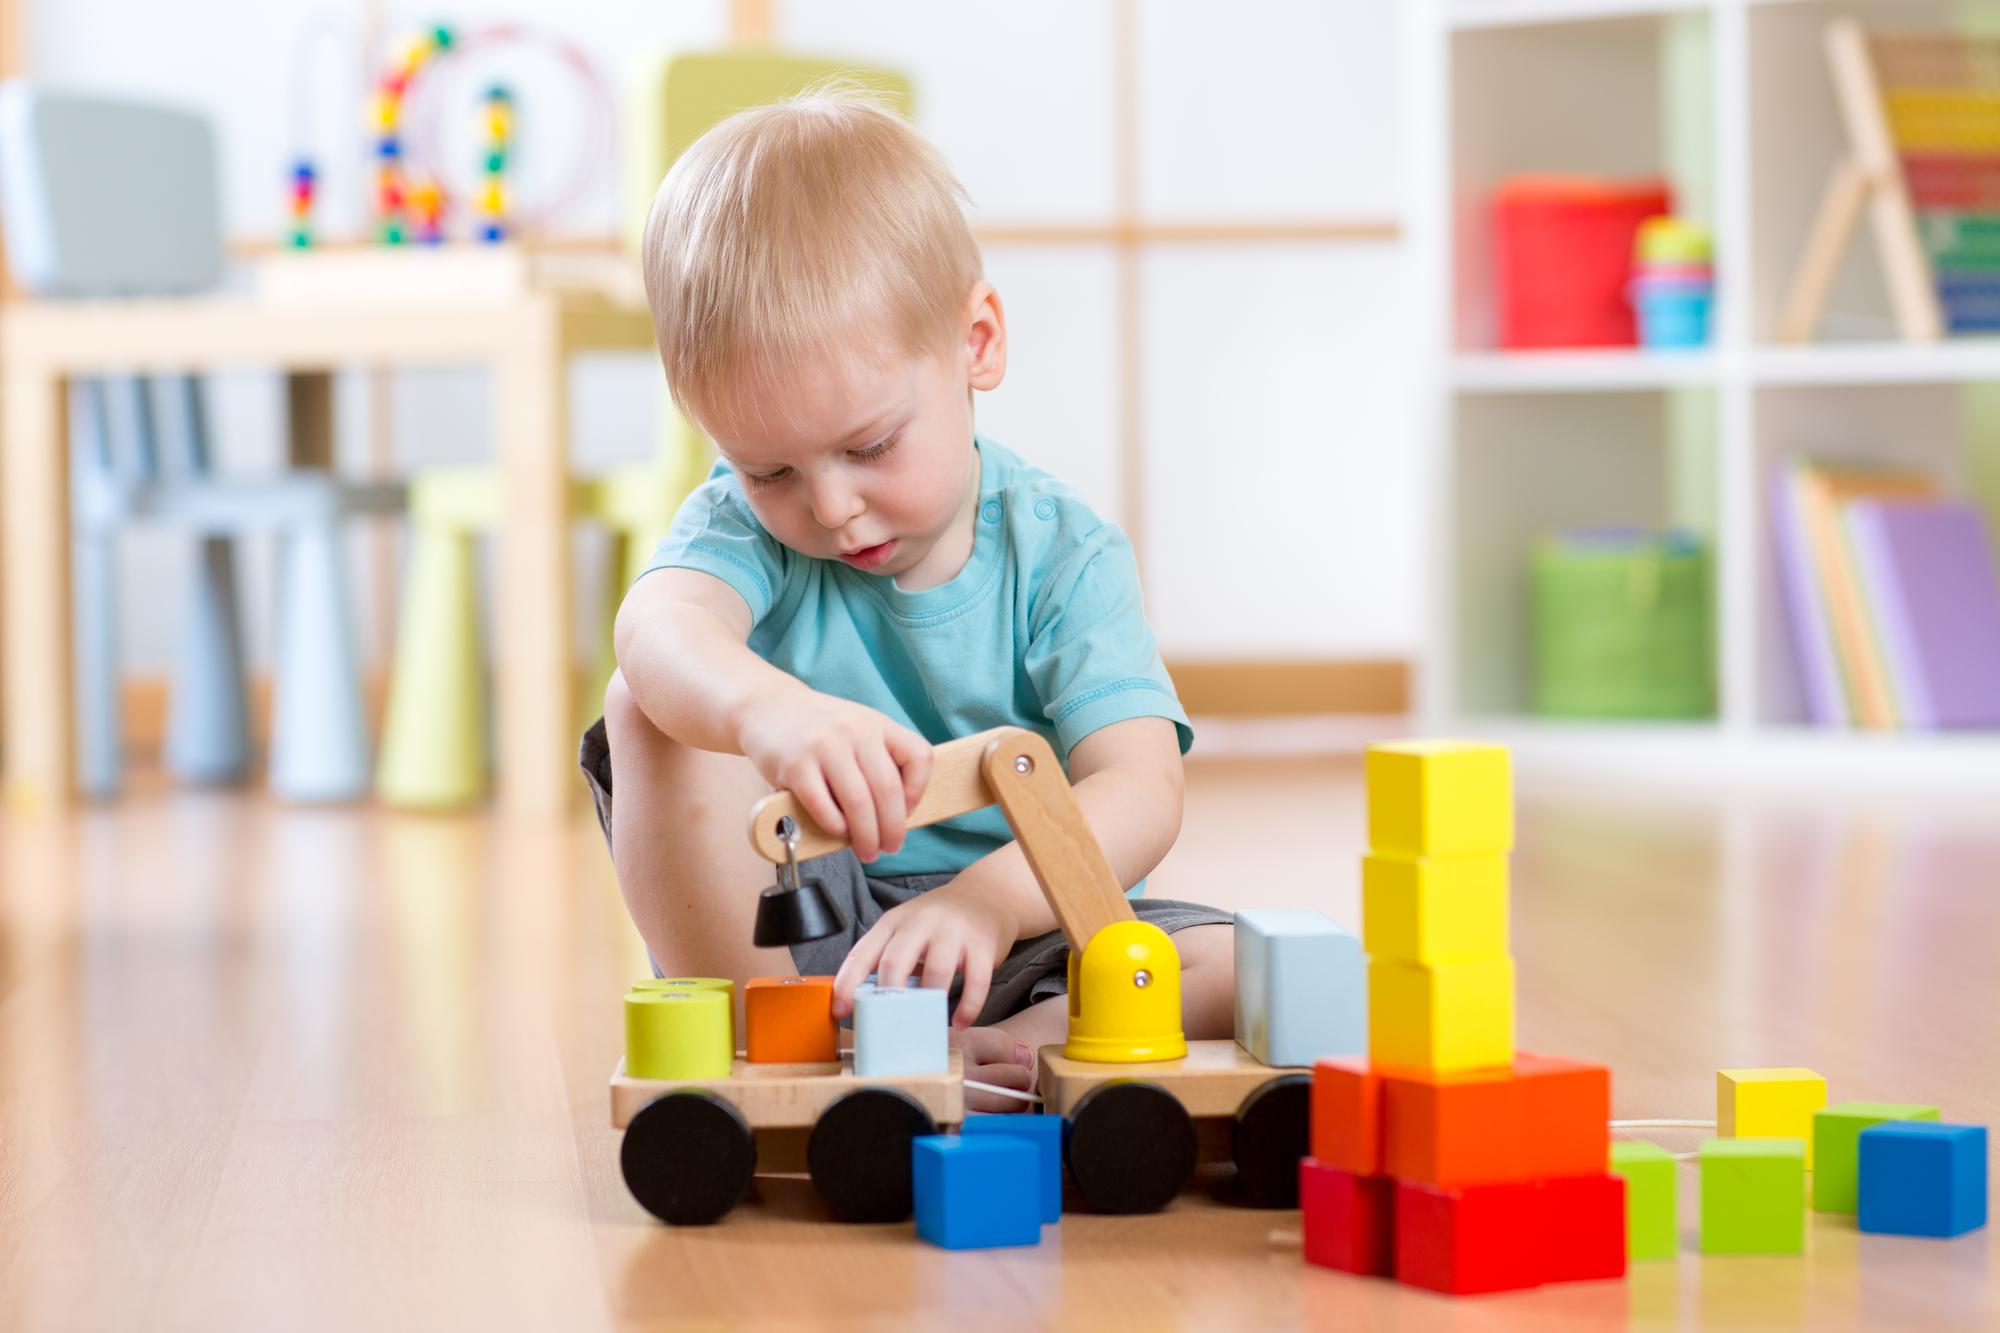 Что делать, если ребенок проглотил что-то мелкое: советы Ульяны Супрун